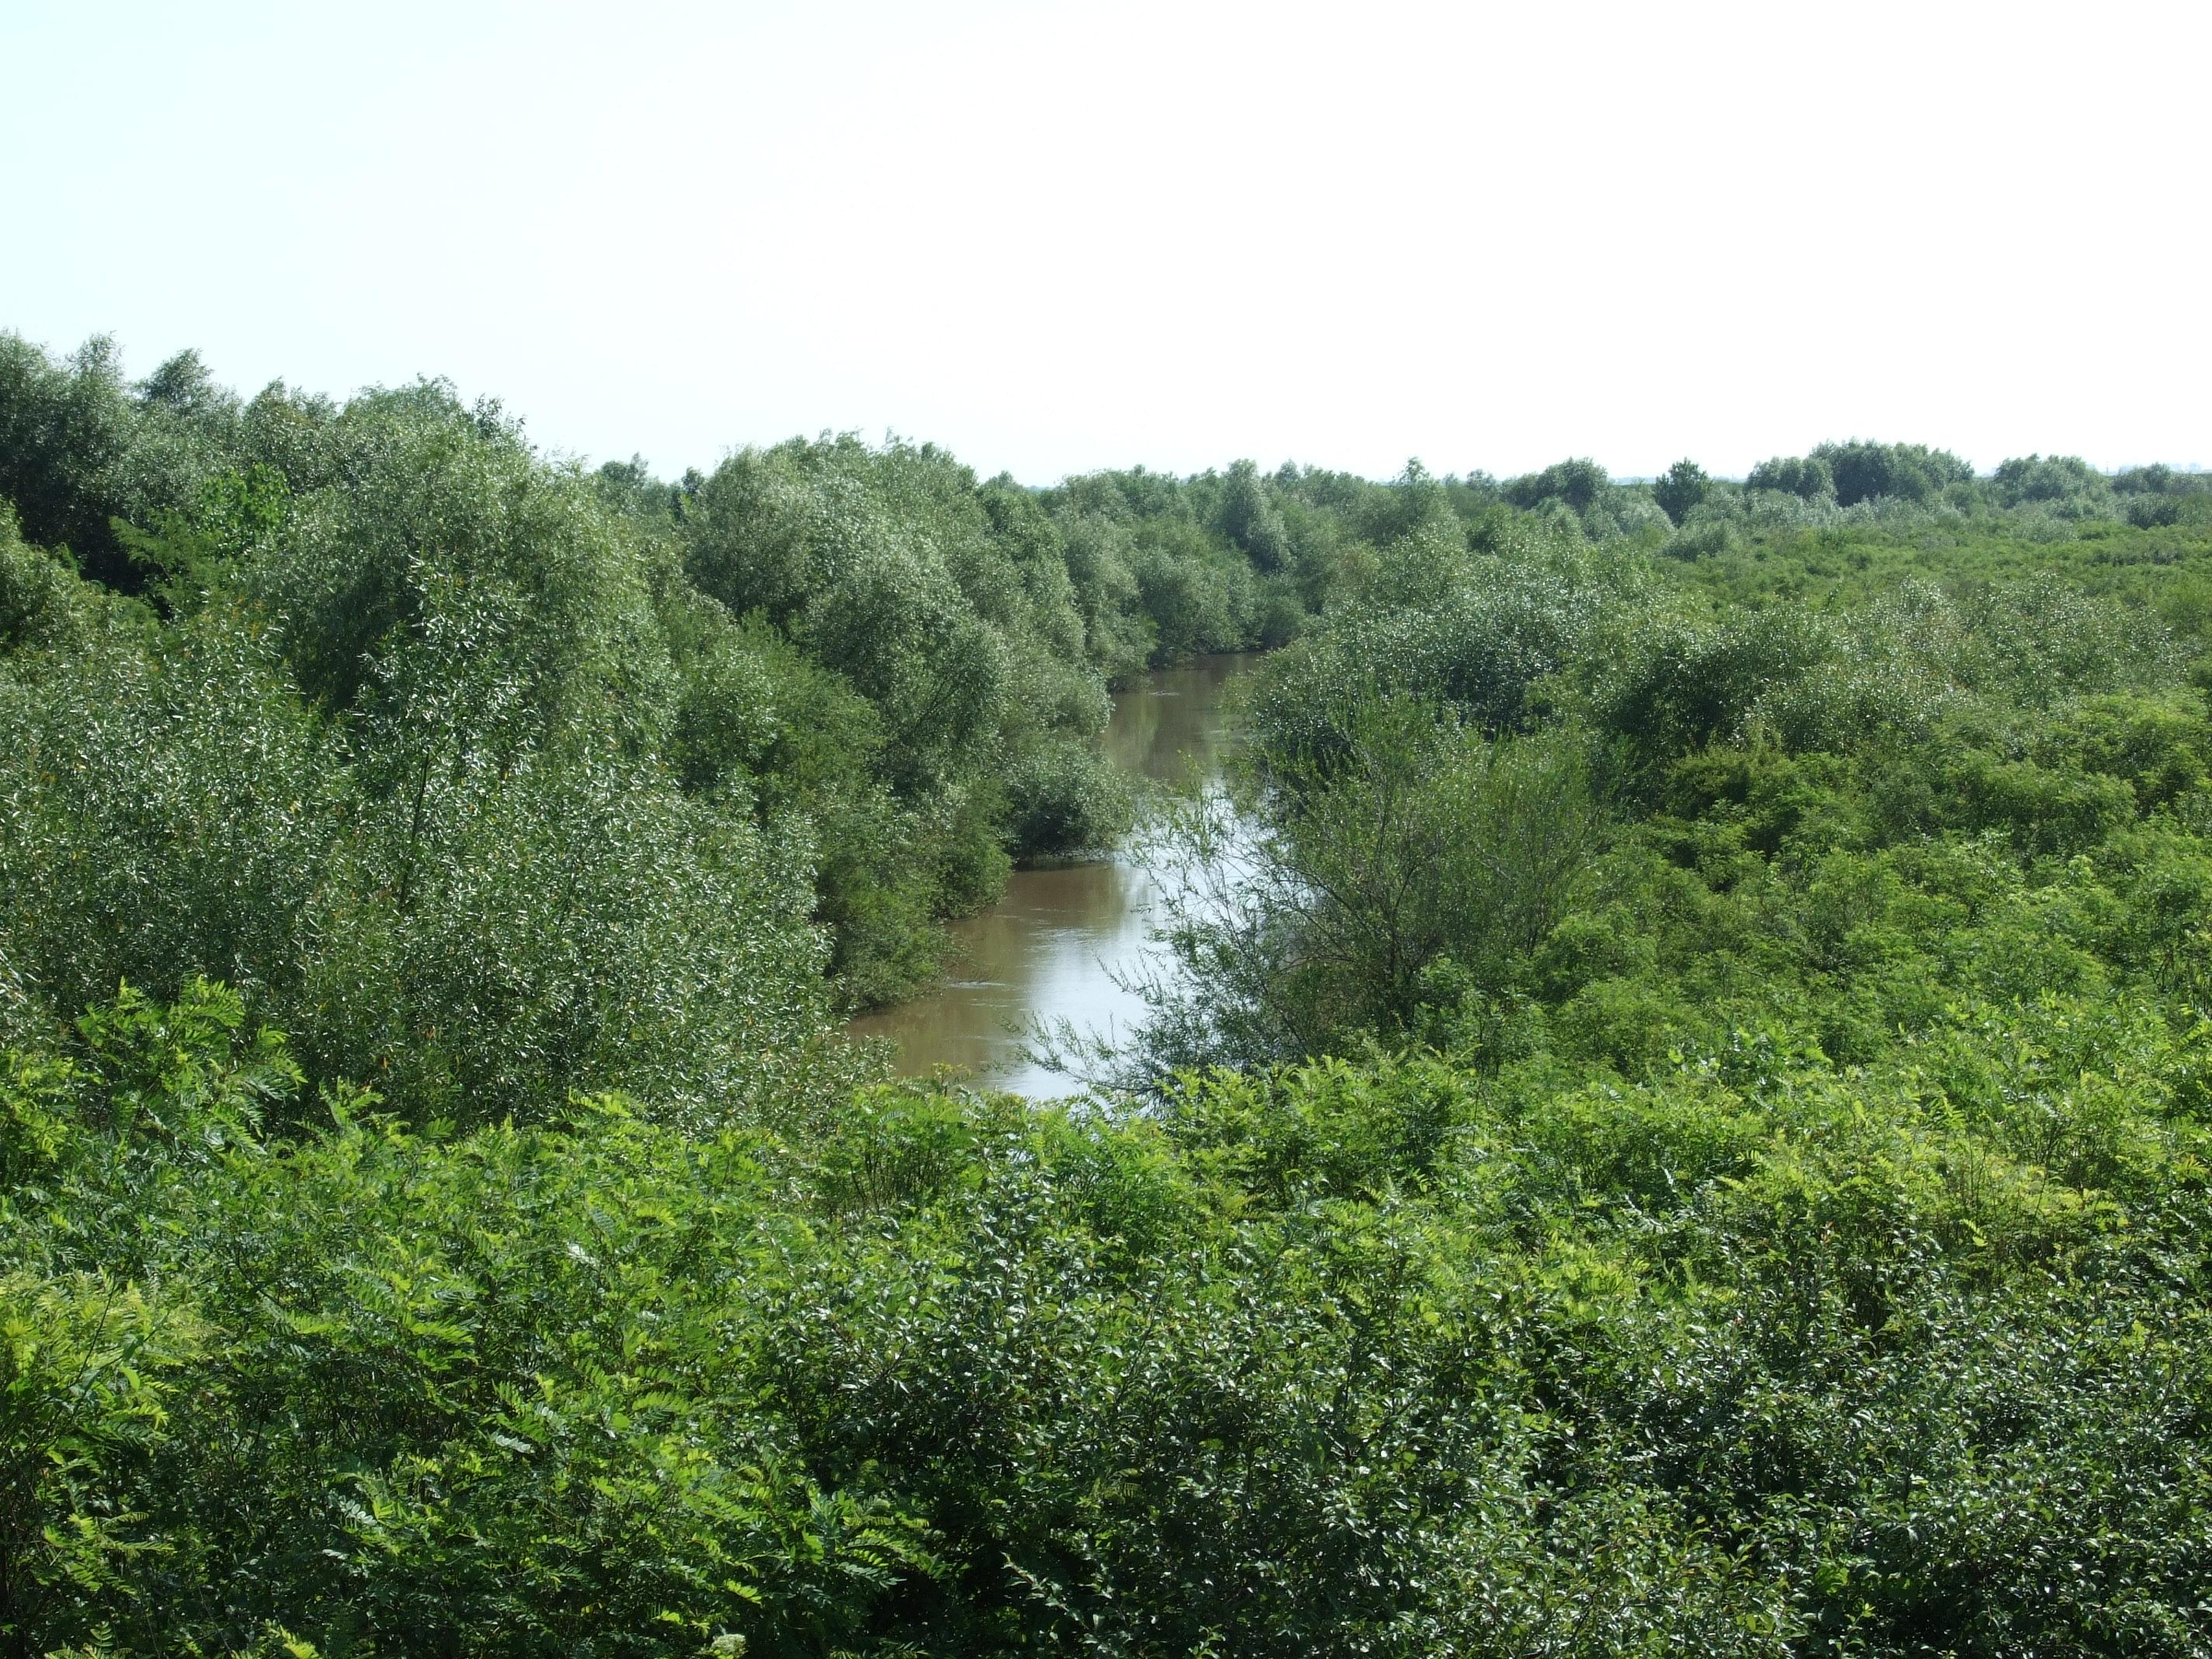 A Fehér Körös jellege teljesen eltér Romániában a nálunk megszokottól. Nálunk 10km hosszú ásott, egyenes medrű folyó . Odaát egy kanyarokkal teli vadregényes víz.  Ami sajnos a buja növényzet miatt nagyon kevés helyen közelíthető meg.